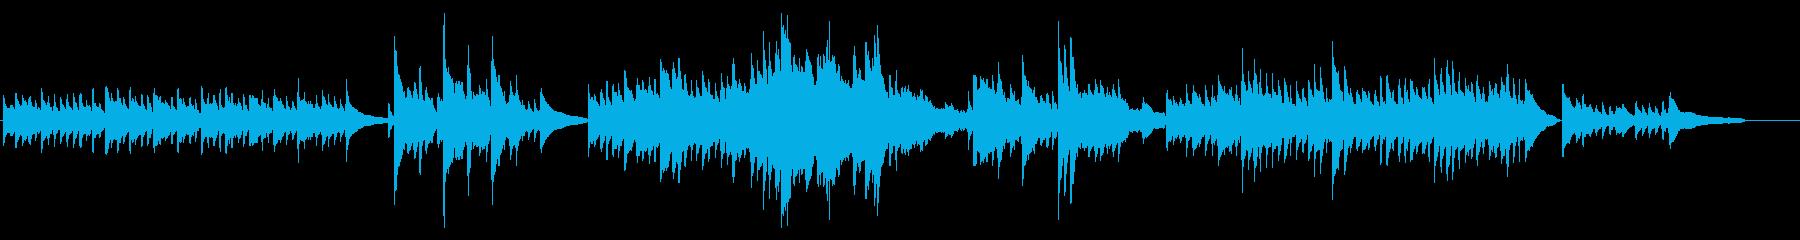 Impromptu, op.1-1の再生済みの波形